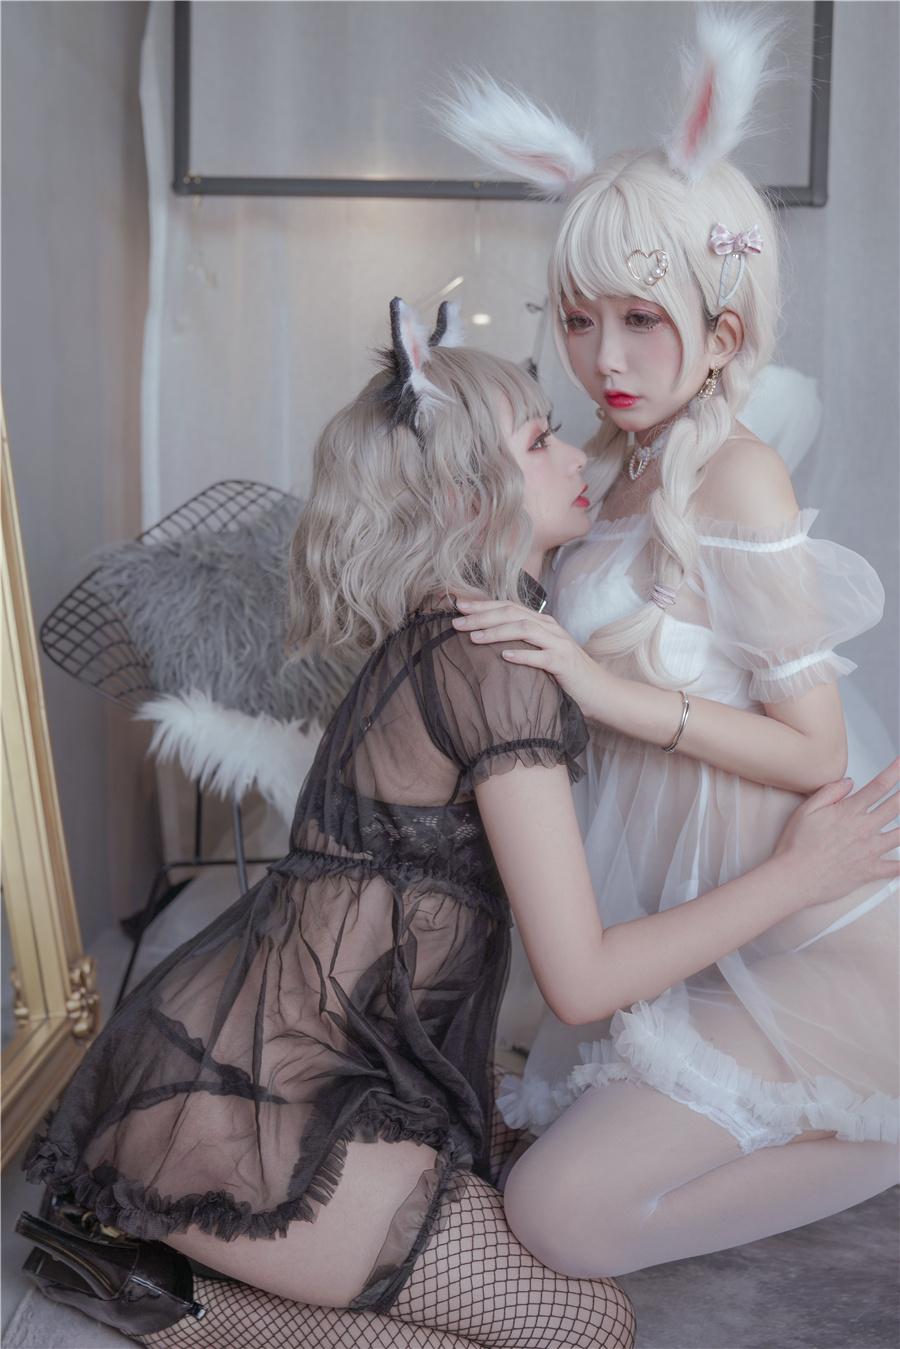 超清美女cosplay2020年11月20期